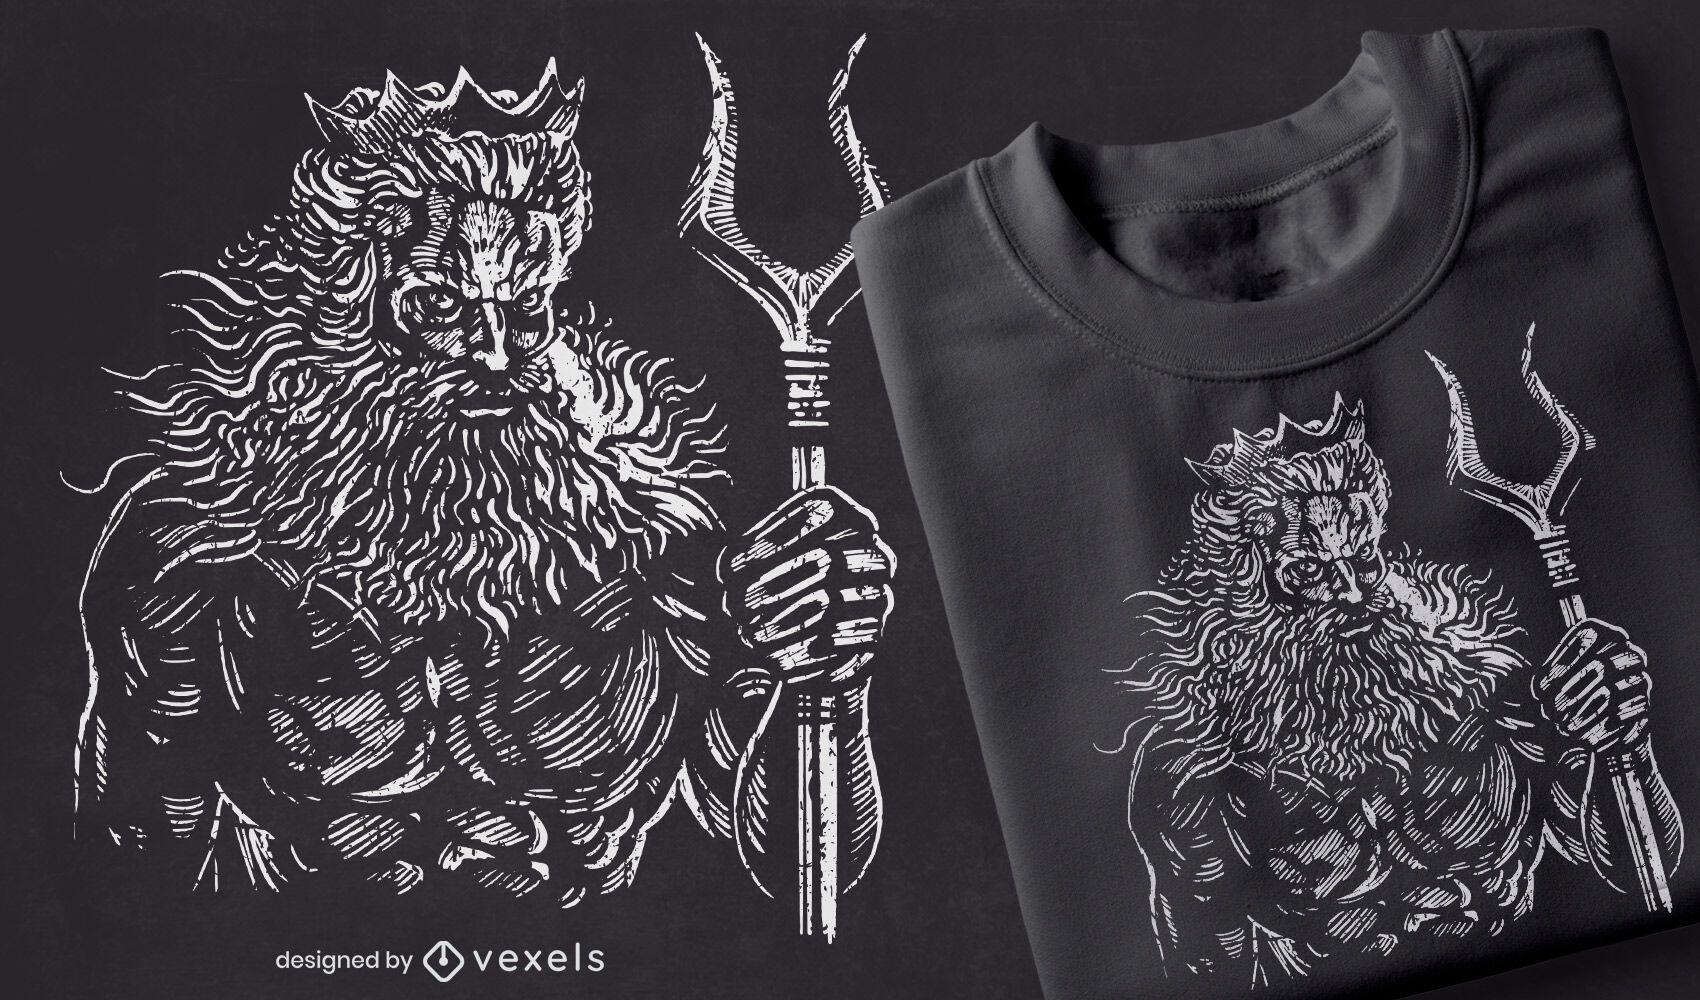 Hades hand-drawn t-shirt design